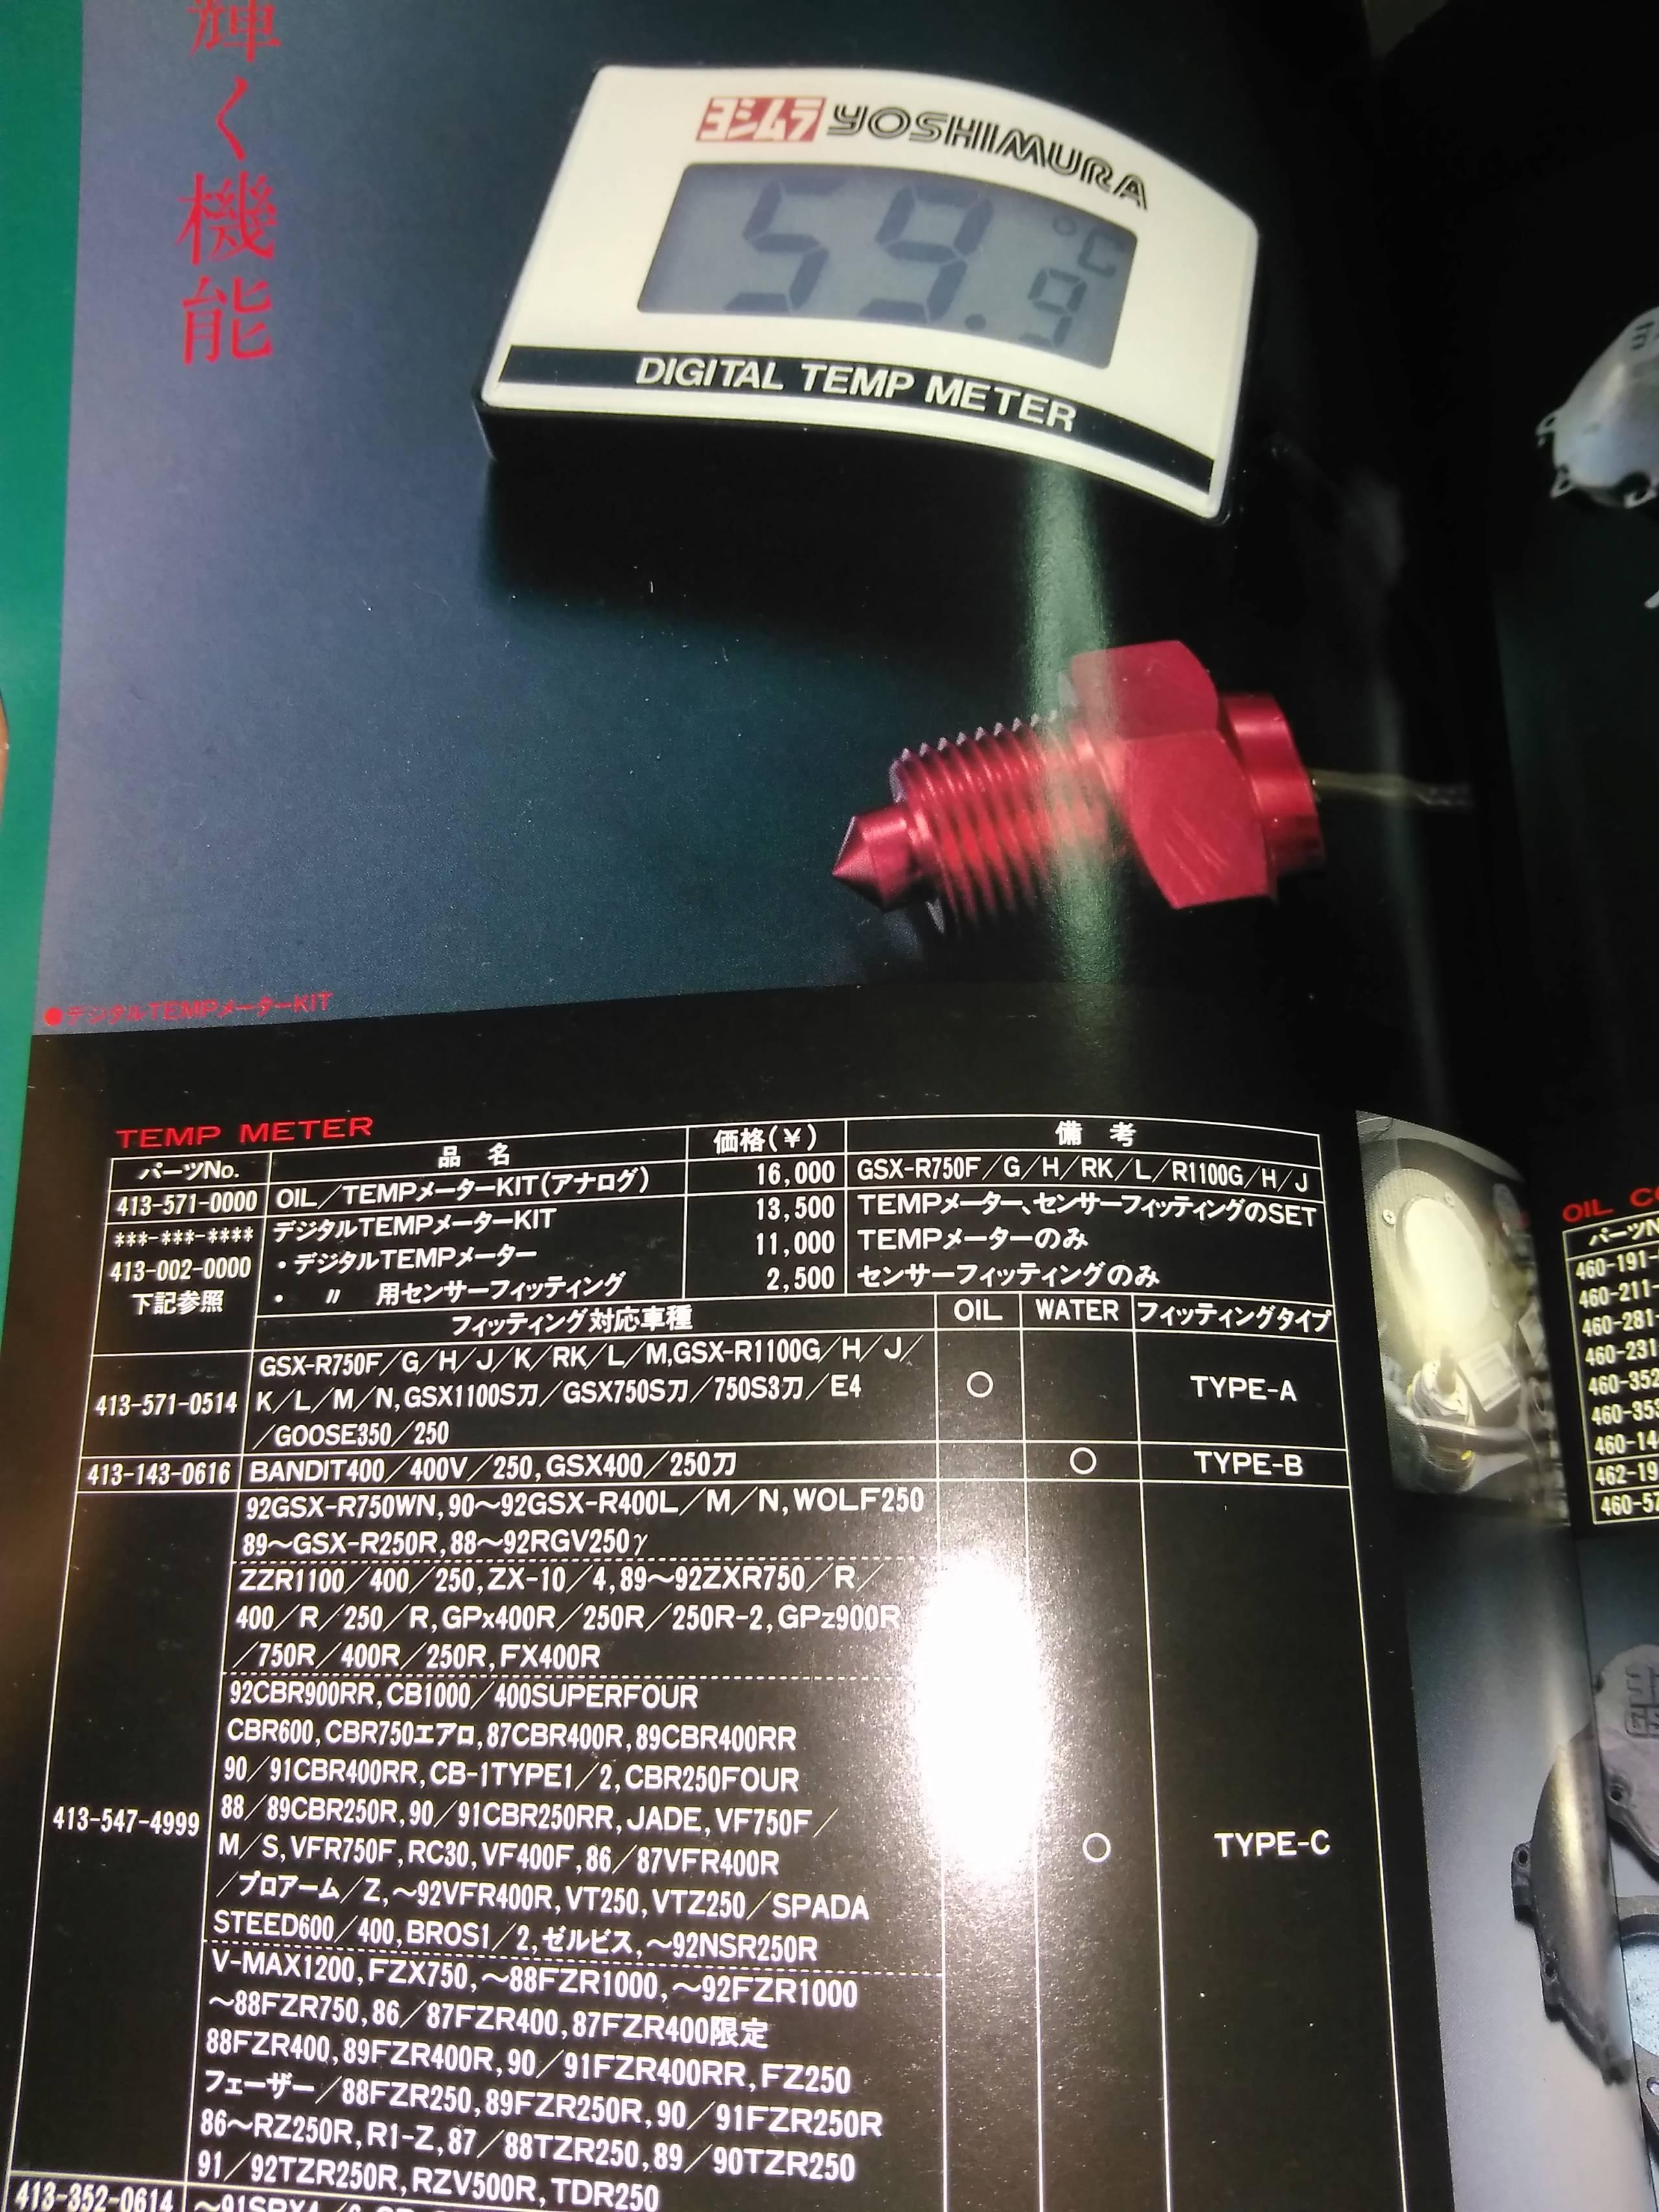 ATENCION, porno duro: Catalogo de chuches Yoshimura 93-95 Img_2013